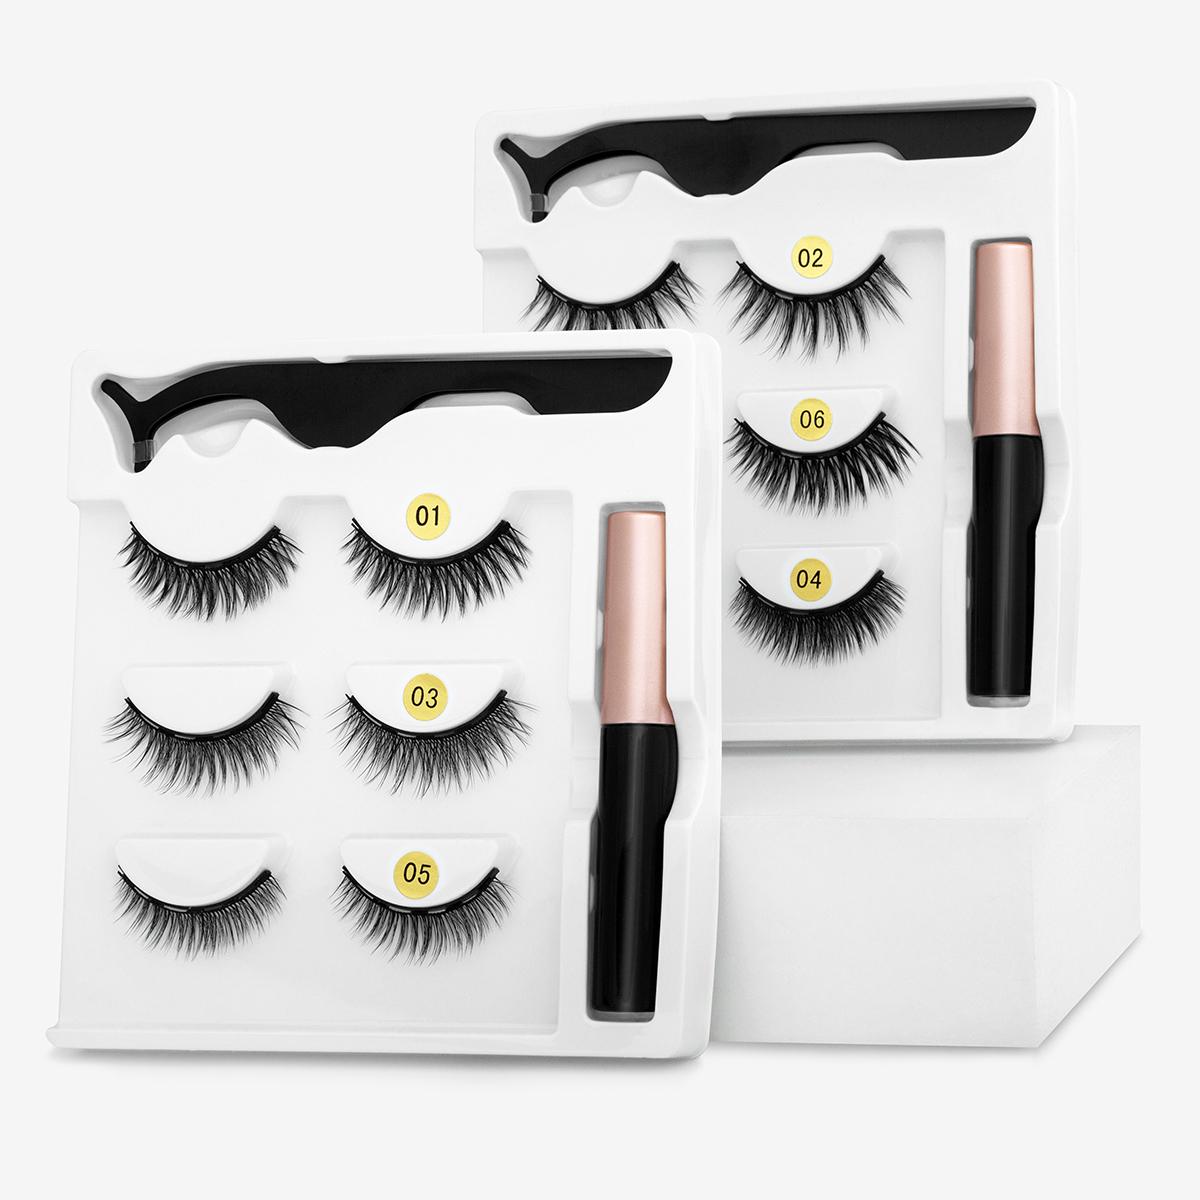 Magnetic Eyelashes 3D  False Mink Eyelashes Magnetic Waterproof Eyeliner Tweezer Magnetic False Eyelash Handmade lash Makeup